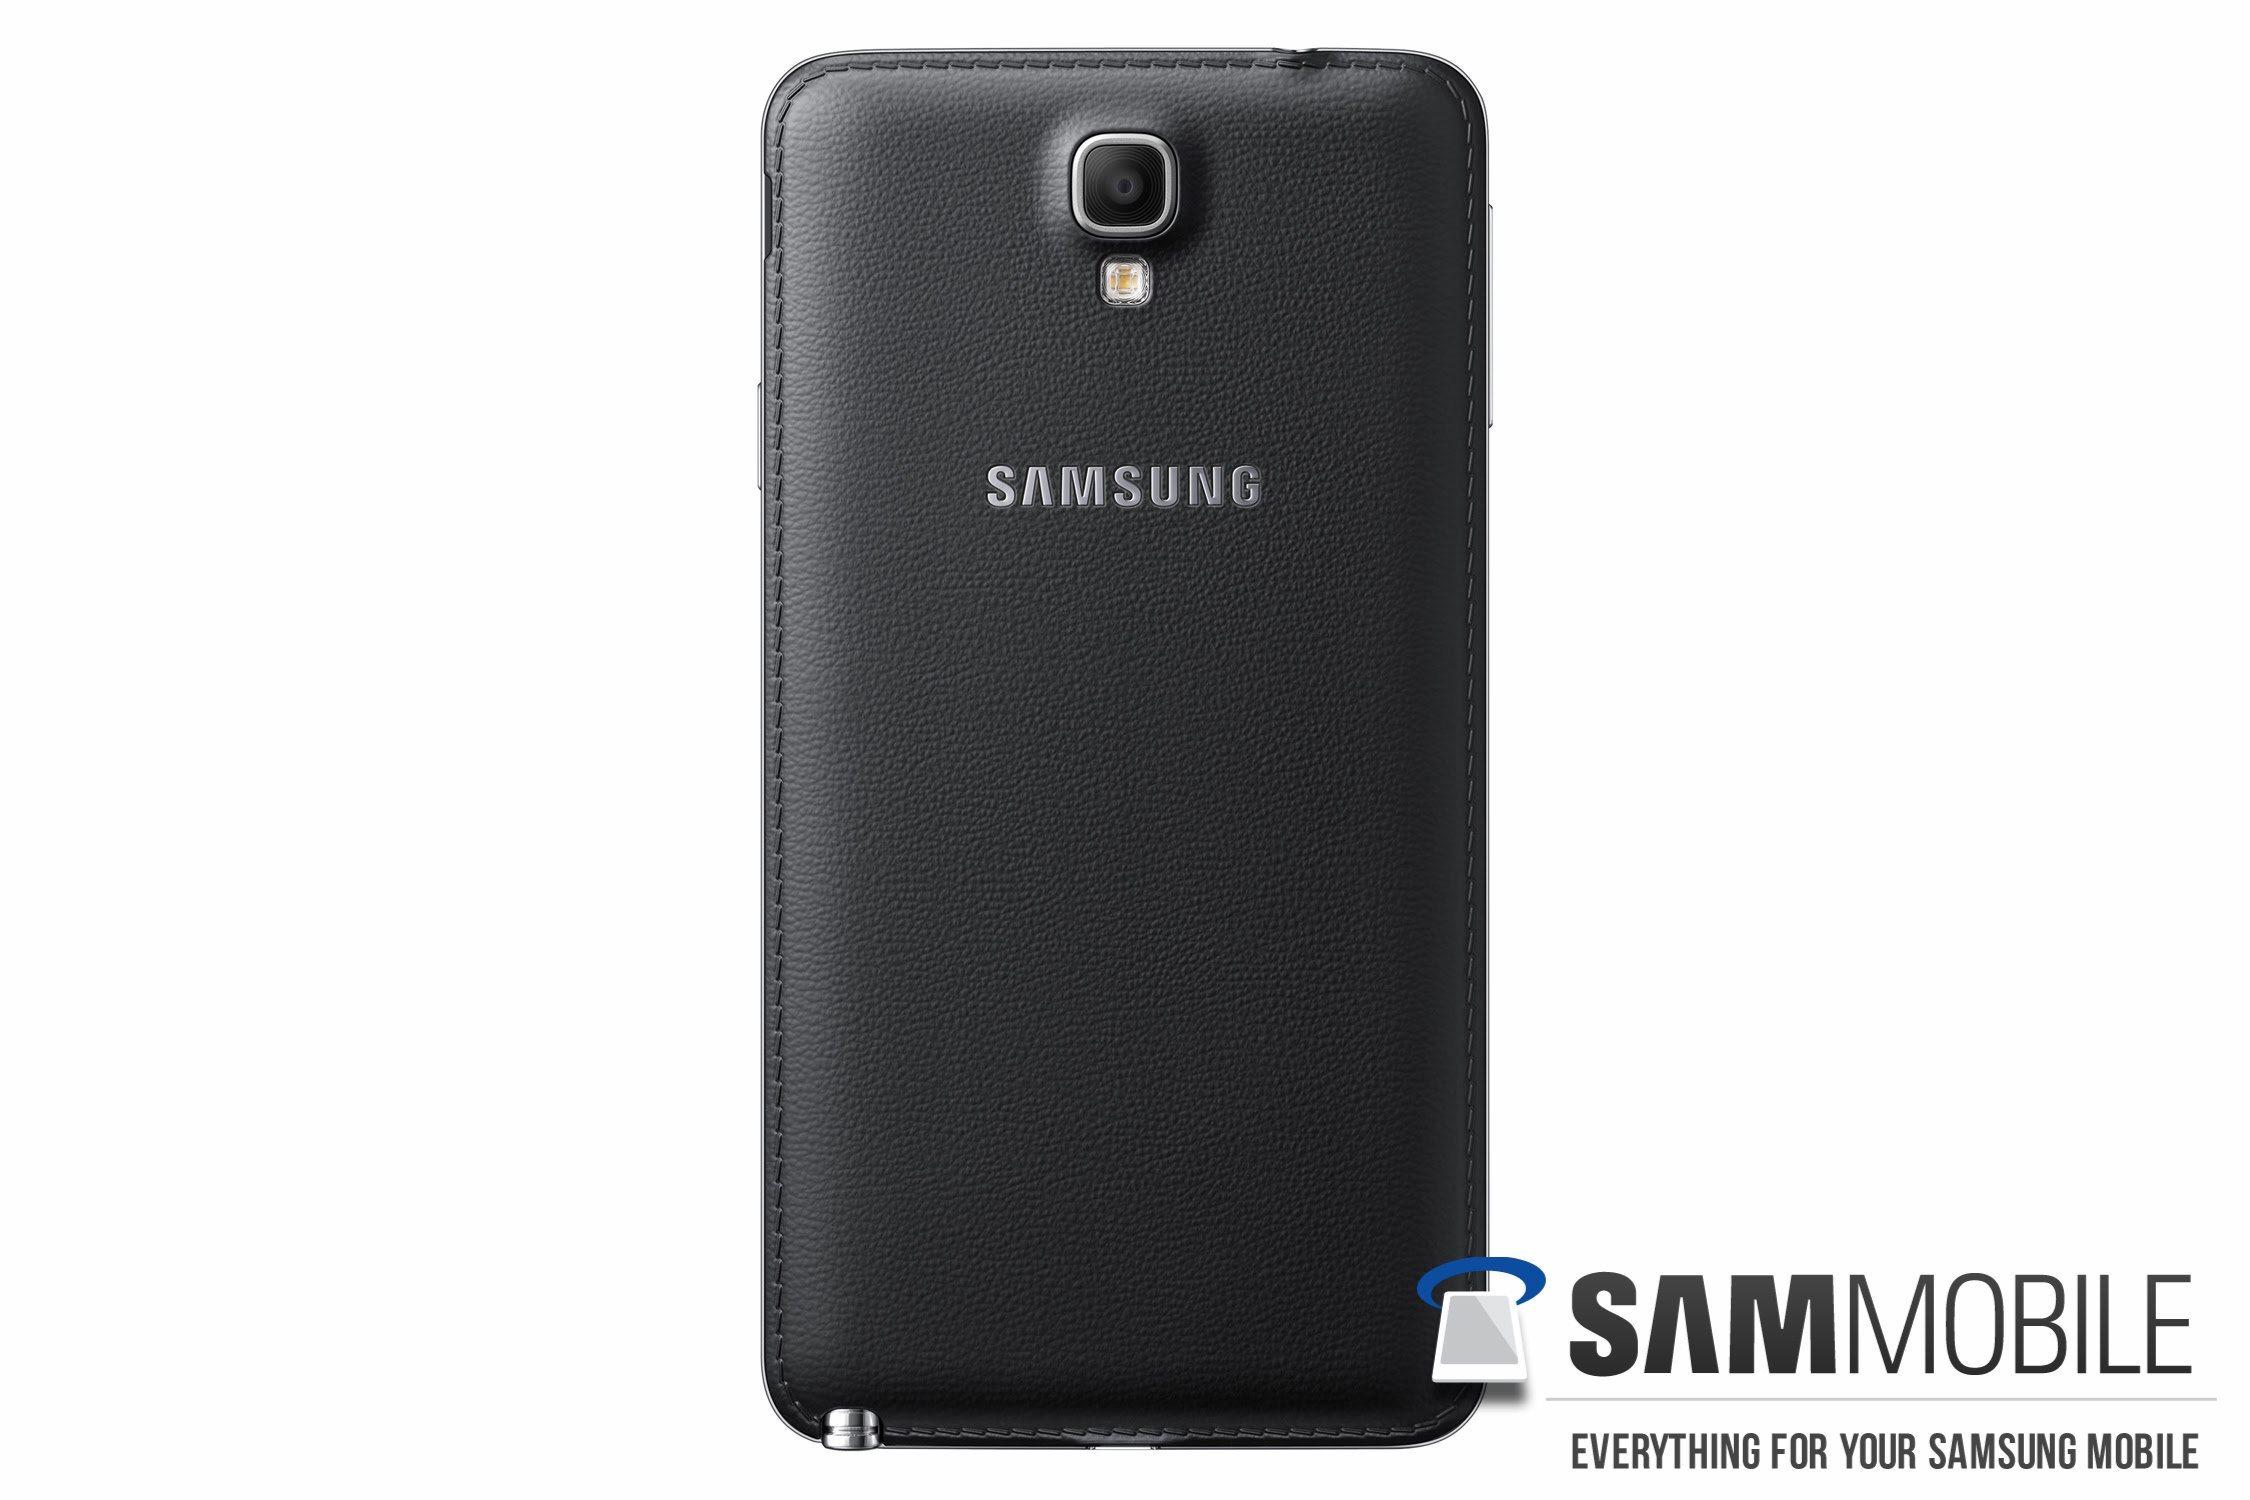 Galaxy Note 3 Neo Leak